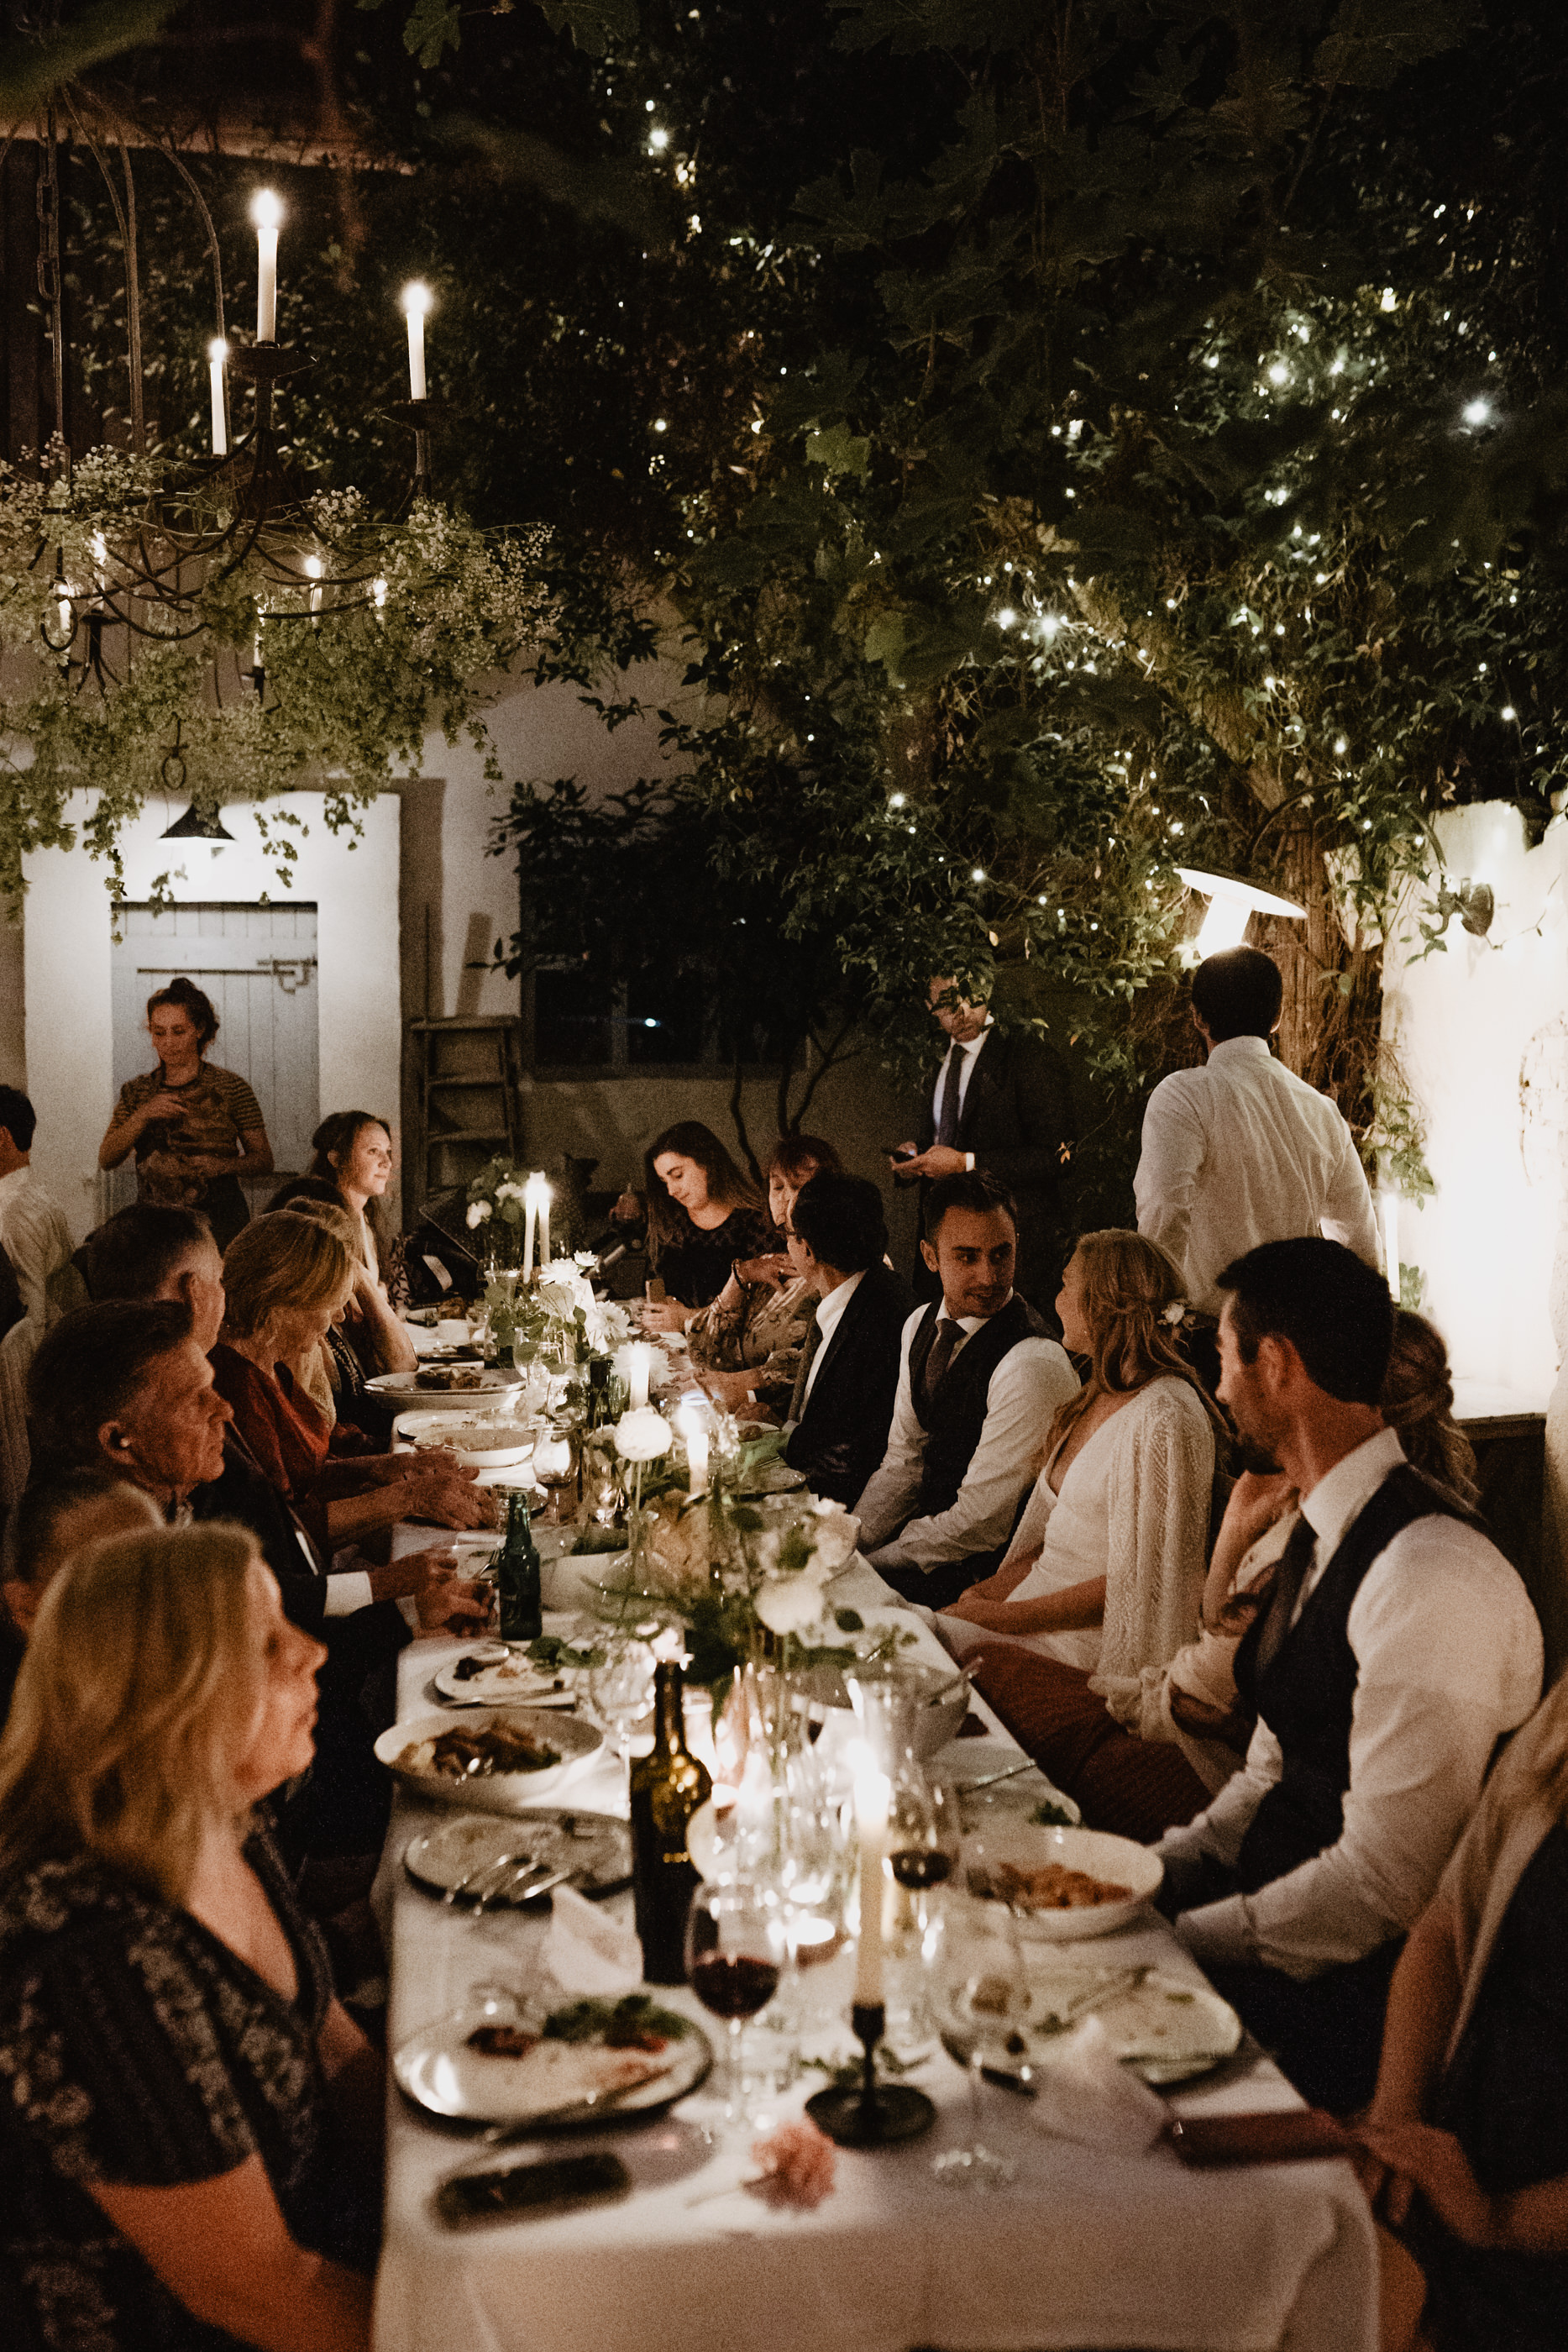 Angela-Bloemsaat-Over-the-moon-weddings-domainedheerstaayen24.jpg